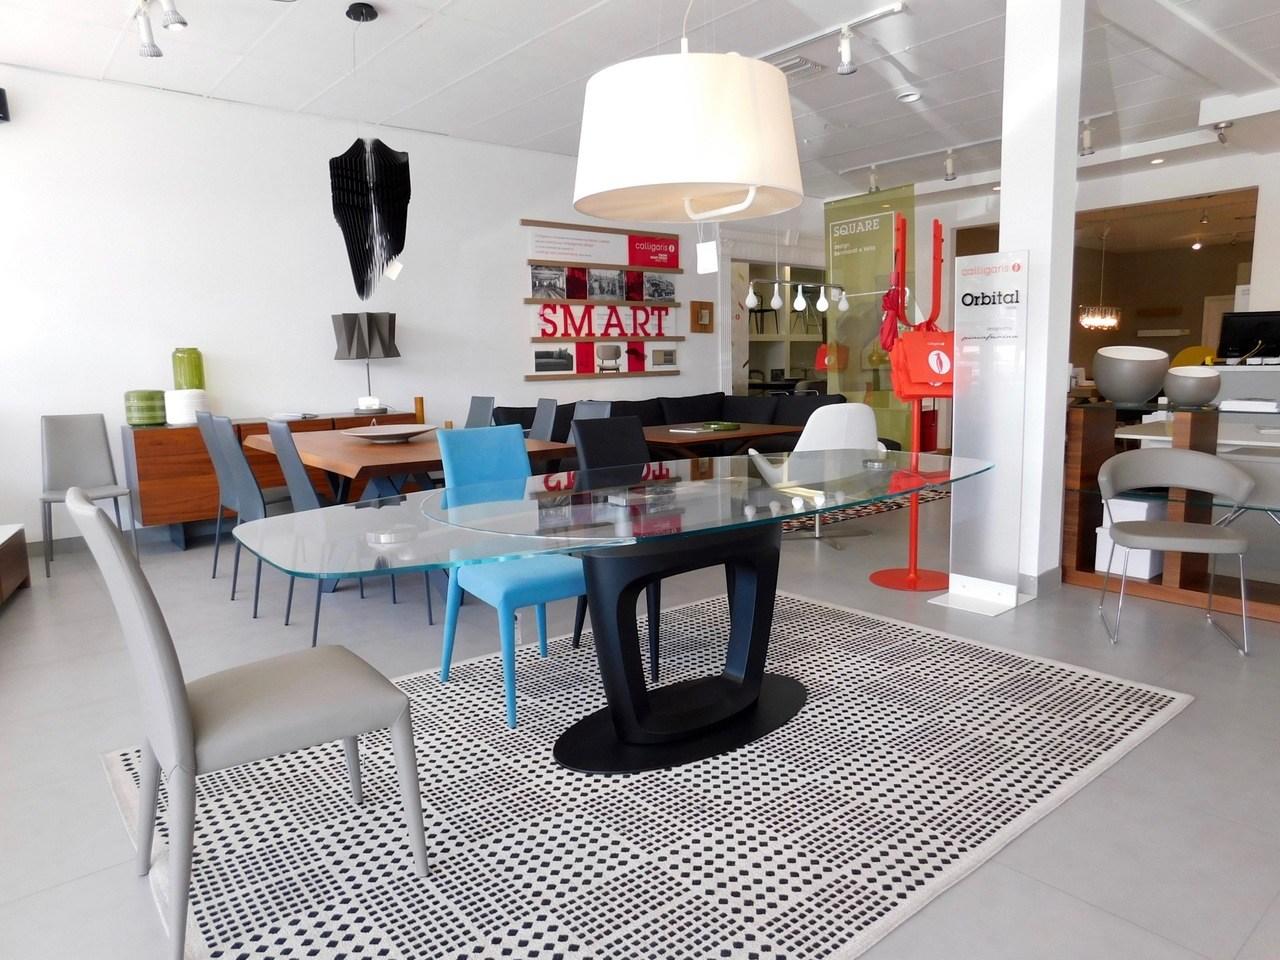 Mobilier De Qualit Fort Lauderdale Cmd Group Le Courrier  # Meubles Design